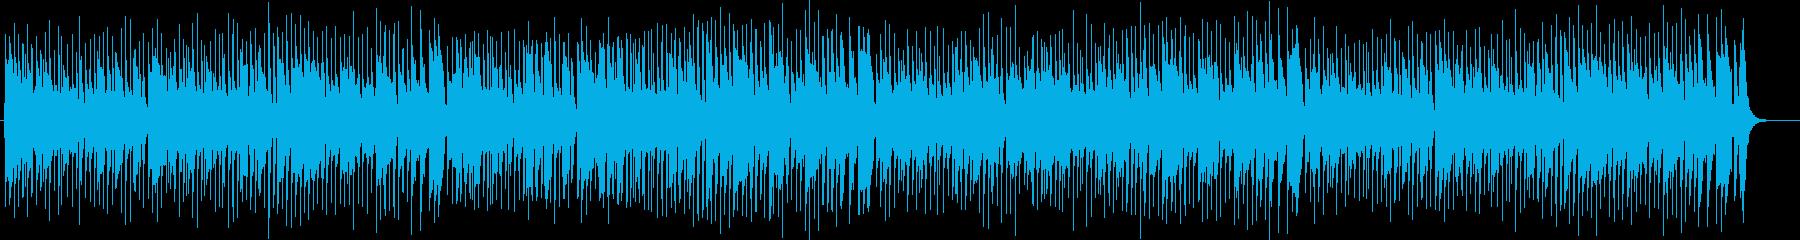 ほのぼのしたオルガン・シンセサウンドの再生済みの波形